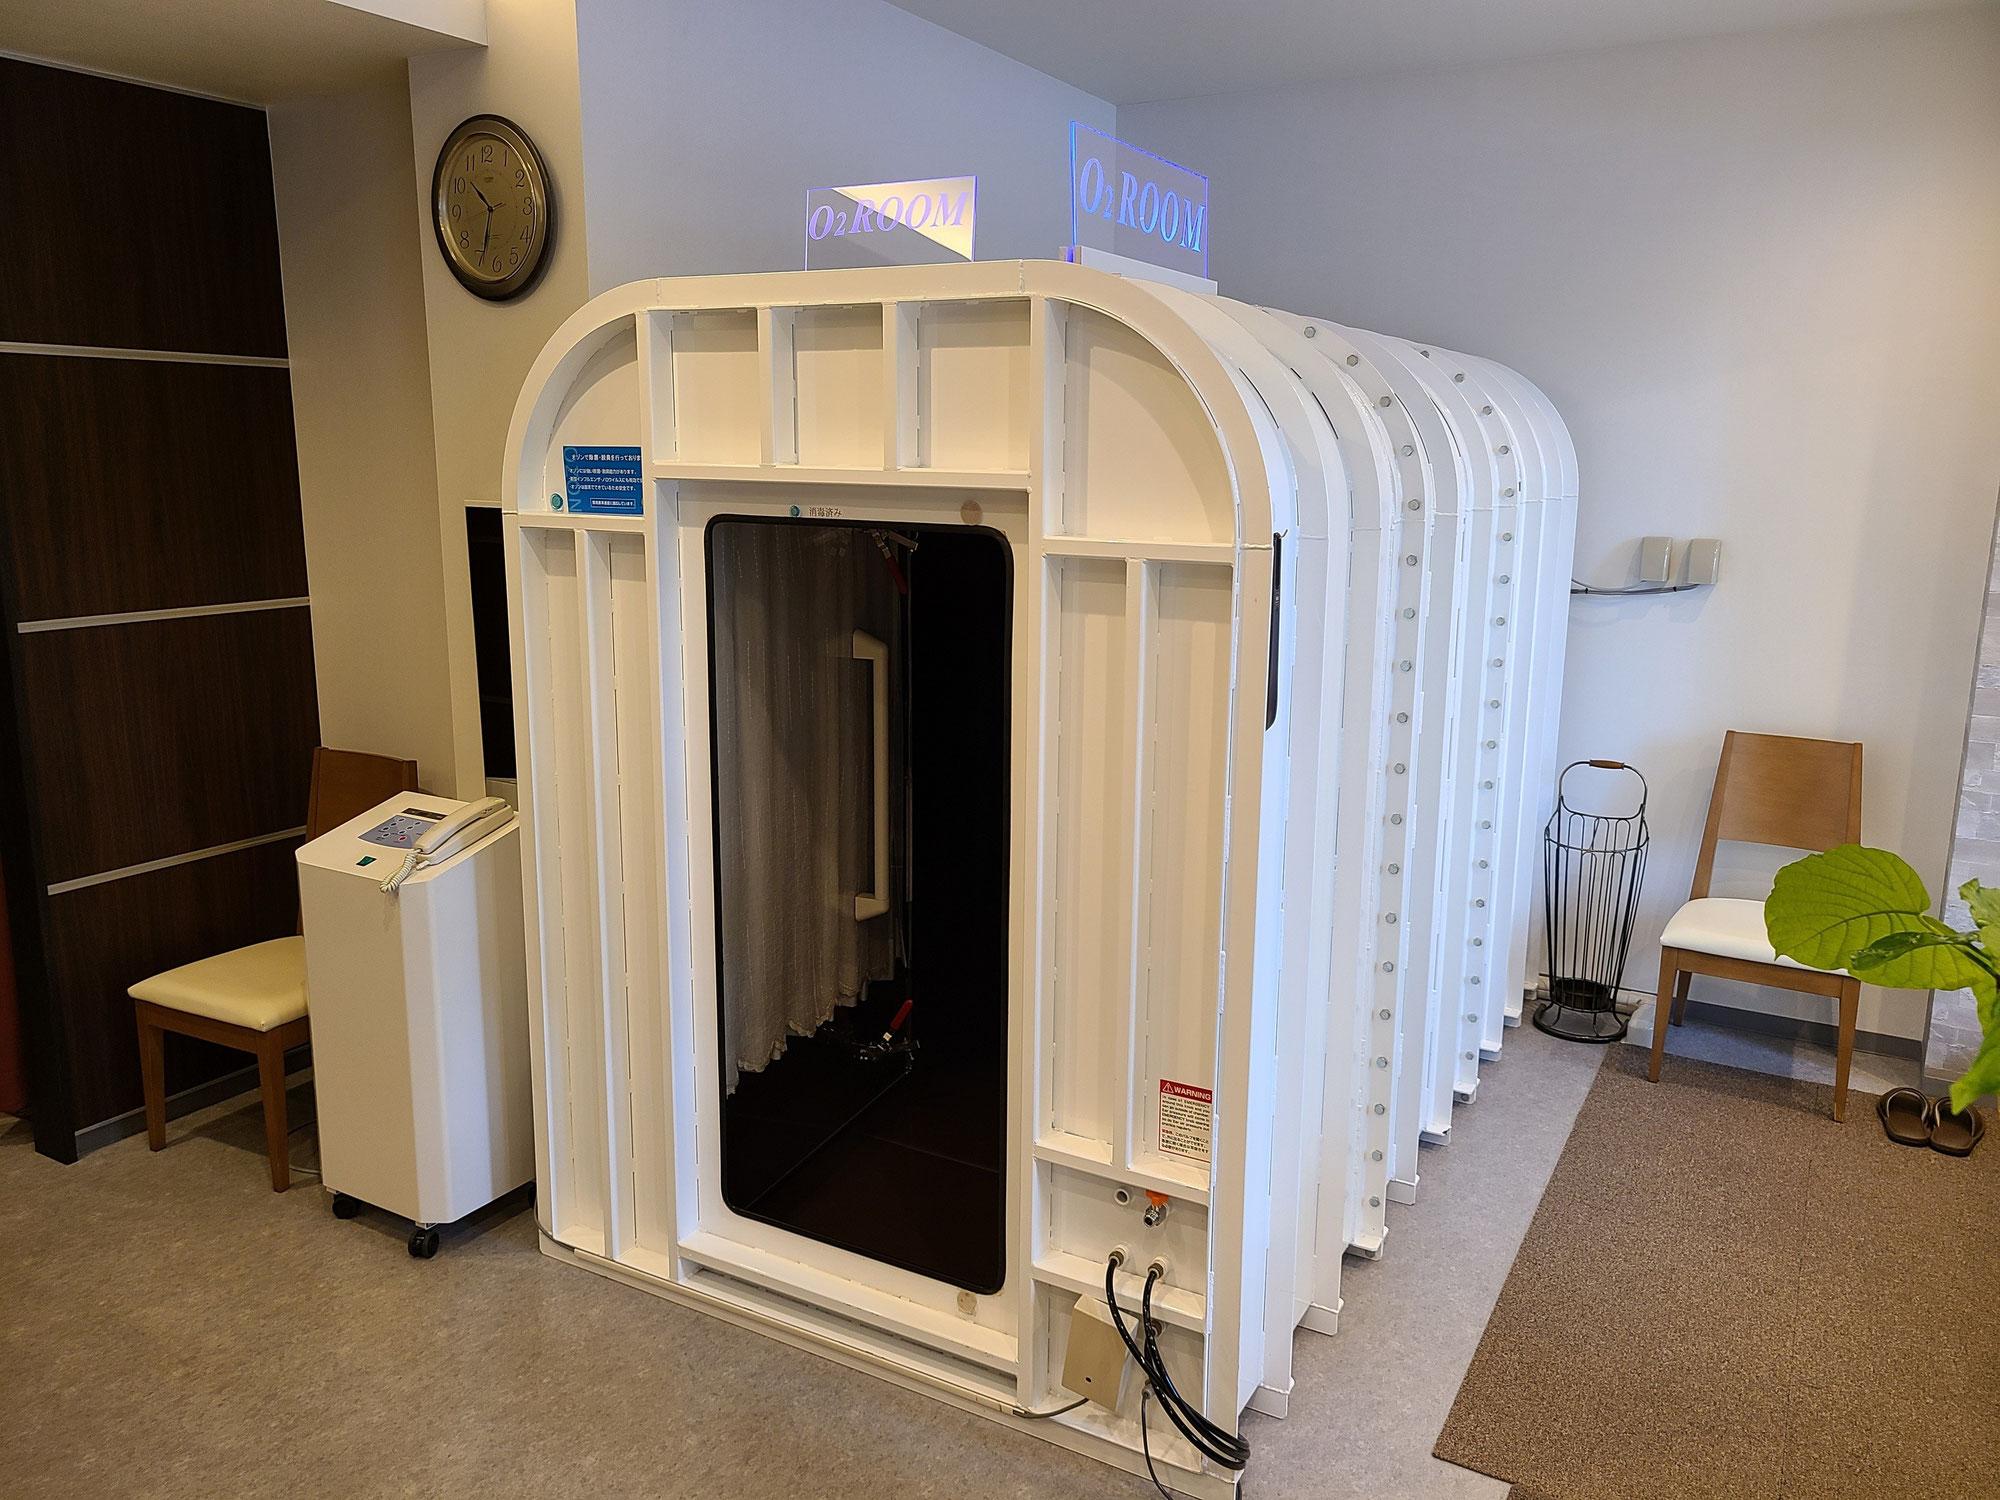 はくば整骨院の高気圧酸素ルームと整体で気圧変化に伴う不調を解消しましょう!